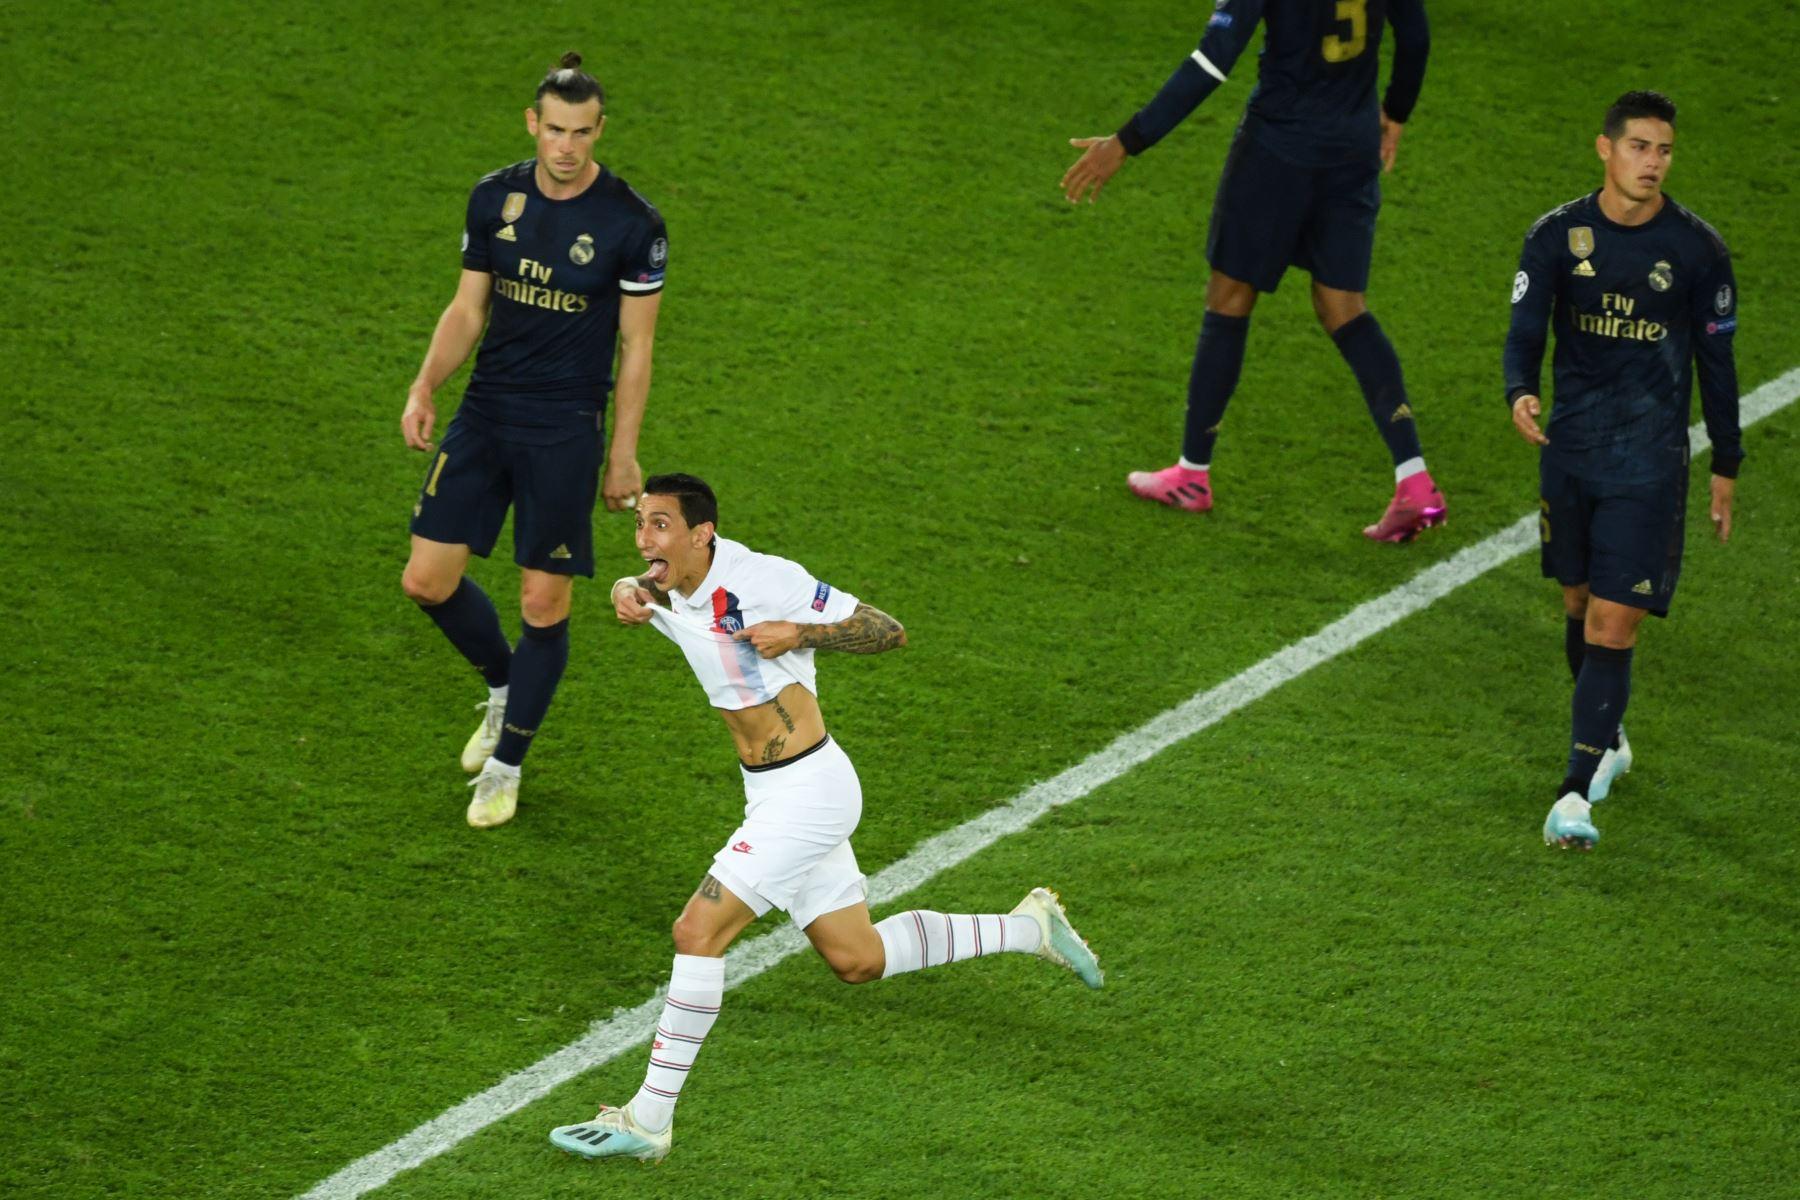 El centrocampista argentino del Paris Saint-Germain, Angel Di Maria, celebra su gol contra el Real Madrid. Foto: AFP